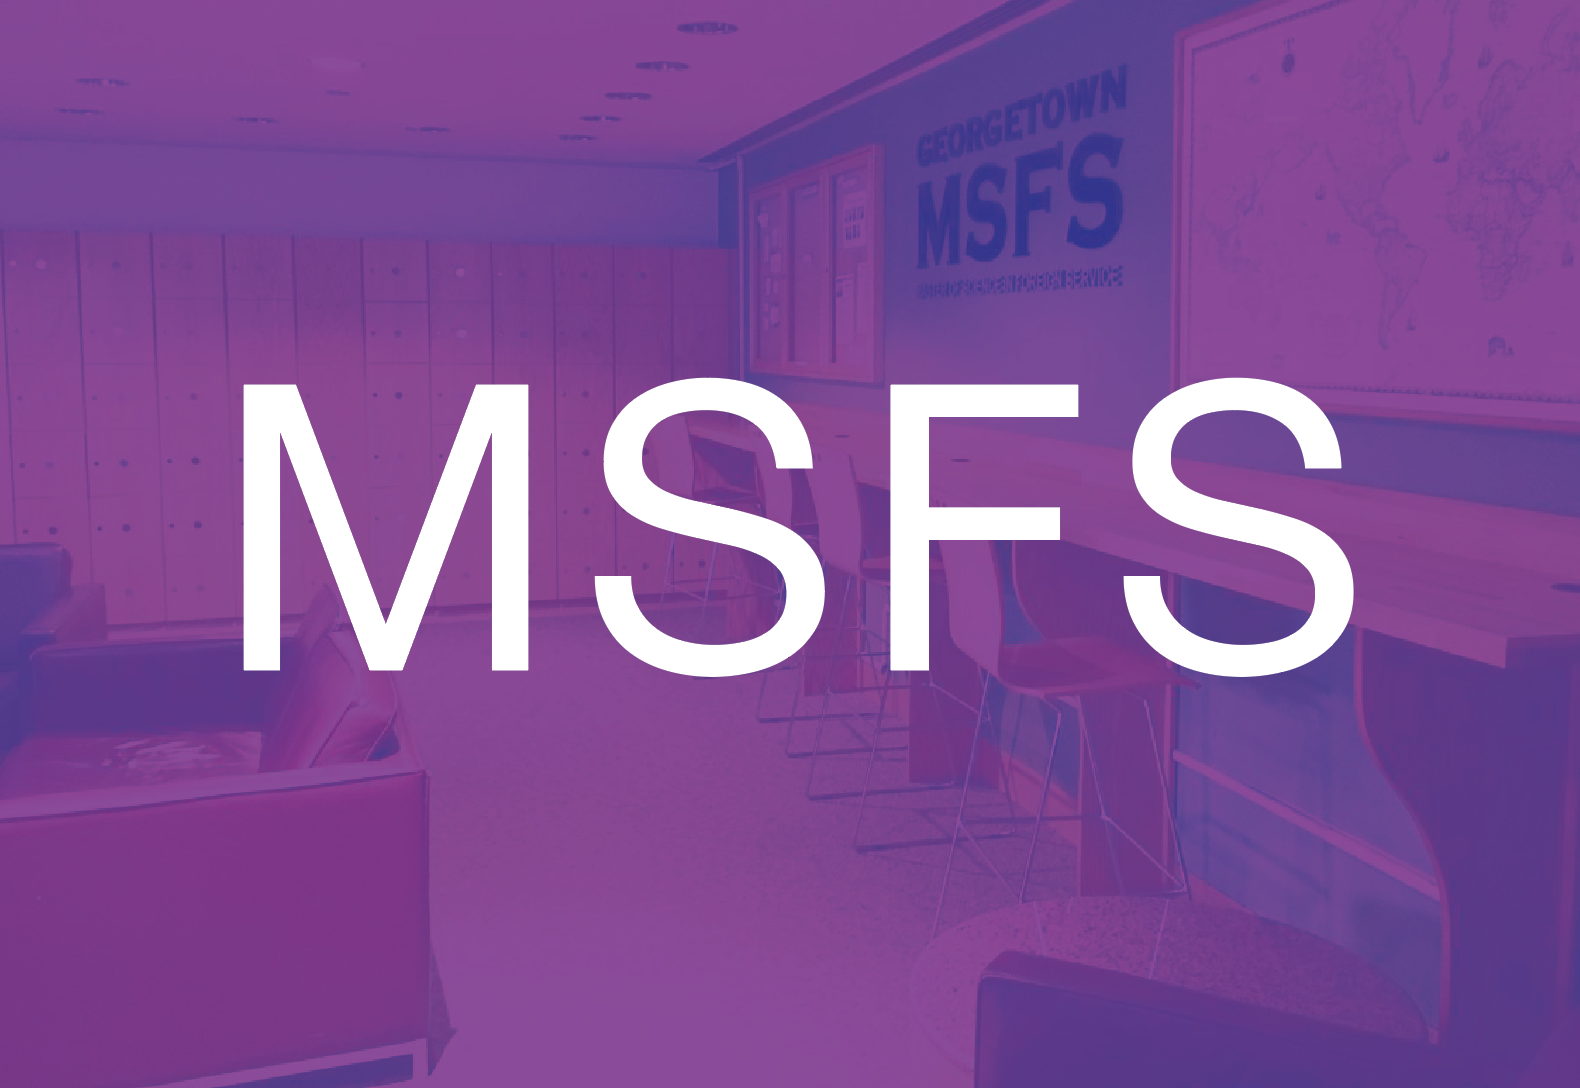 MSFS acronym